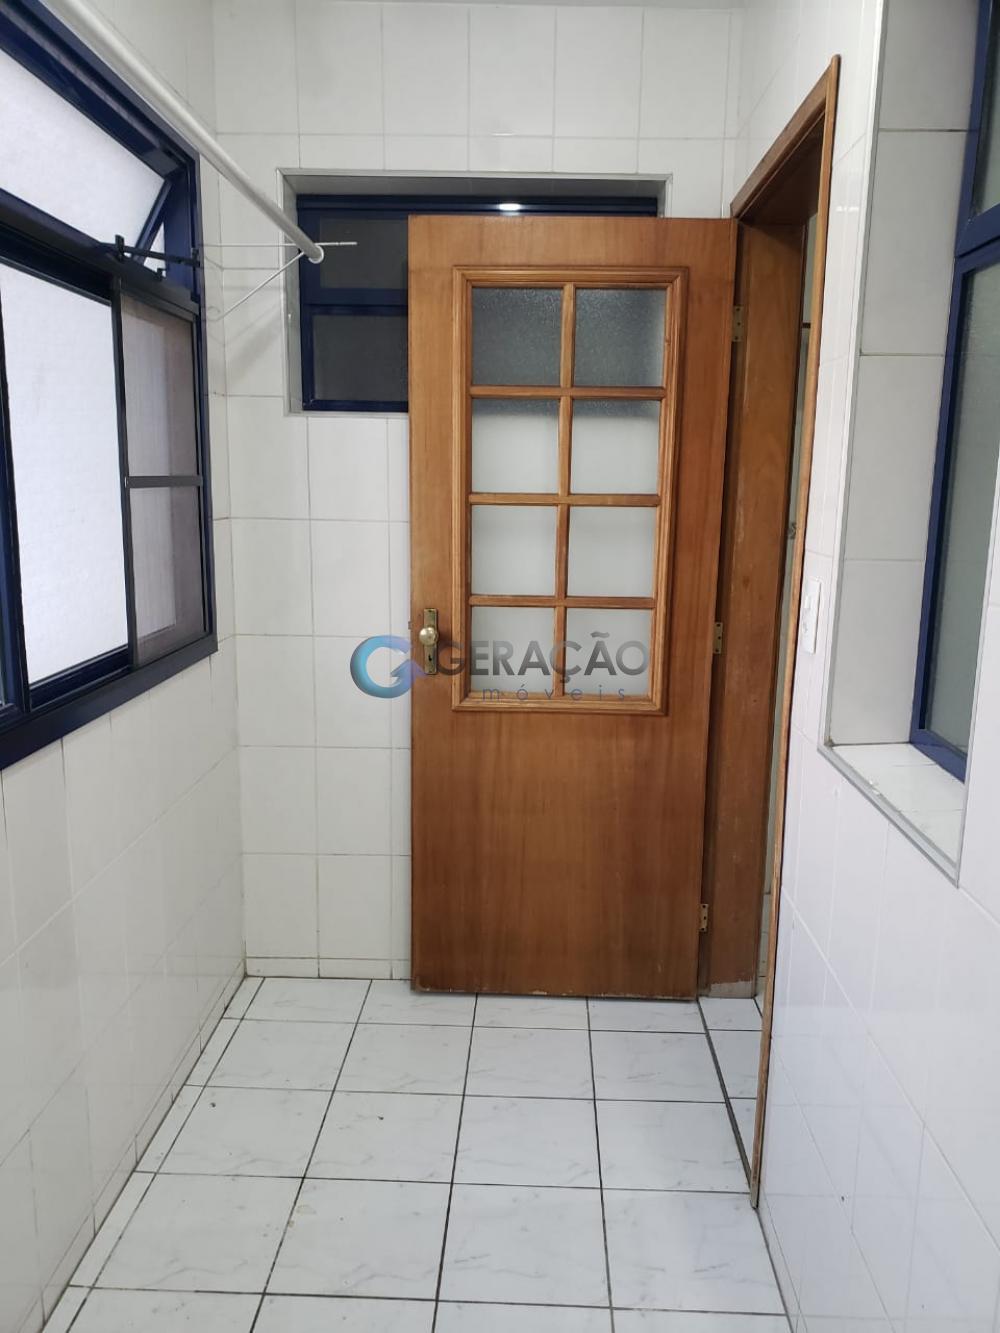 Comprar Apartamento / Padrão em São José dos Campos apenas R$ 405.000,00 - Foto 4